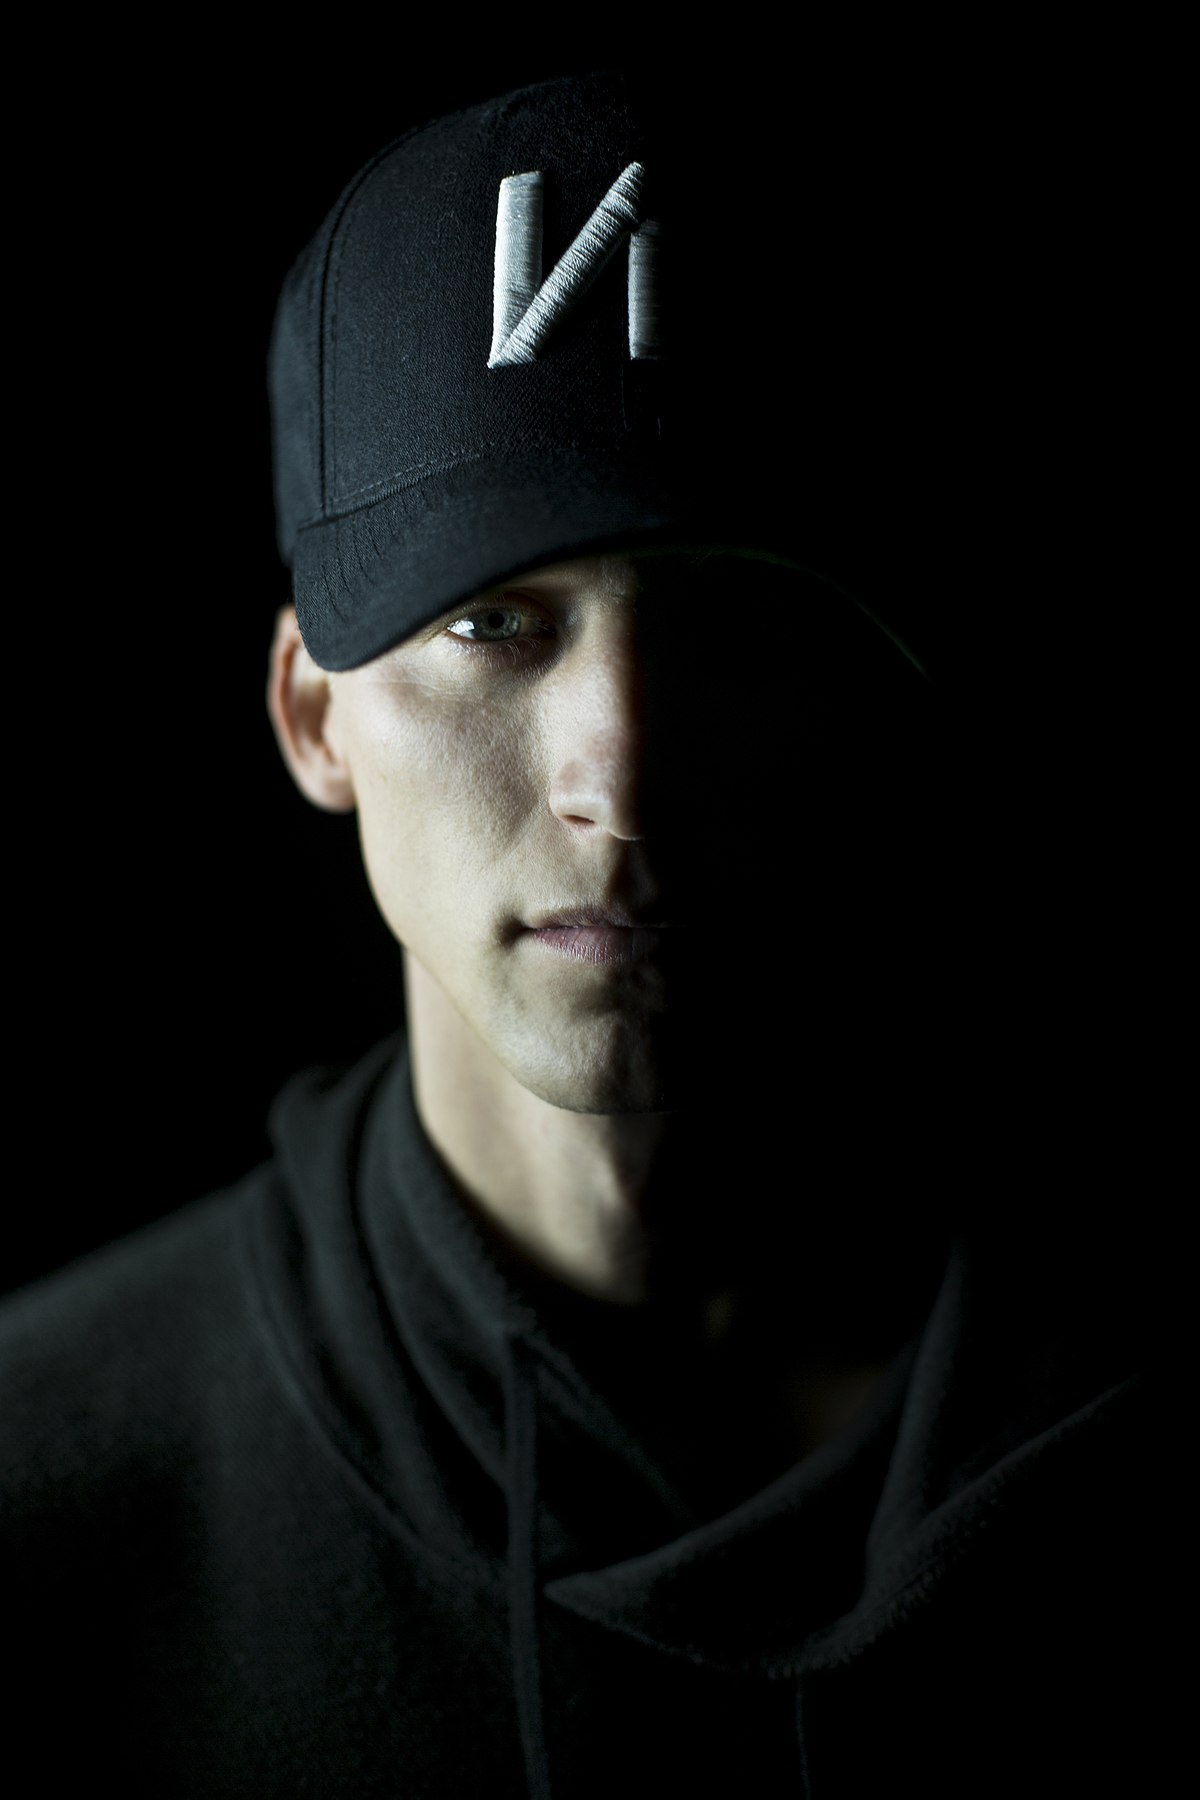 Eminem Vs Nf : eminem, (rapper), Wikipedia